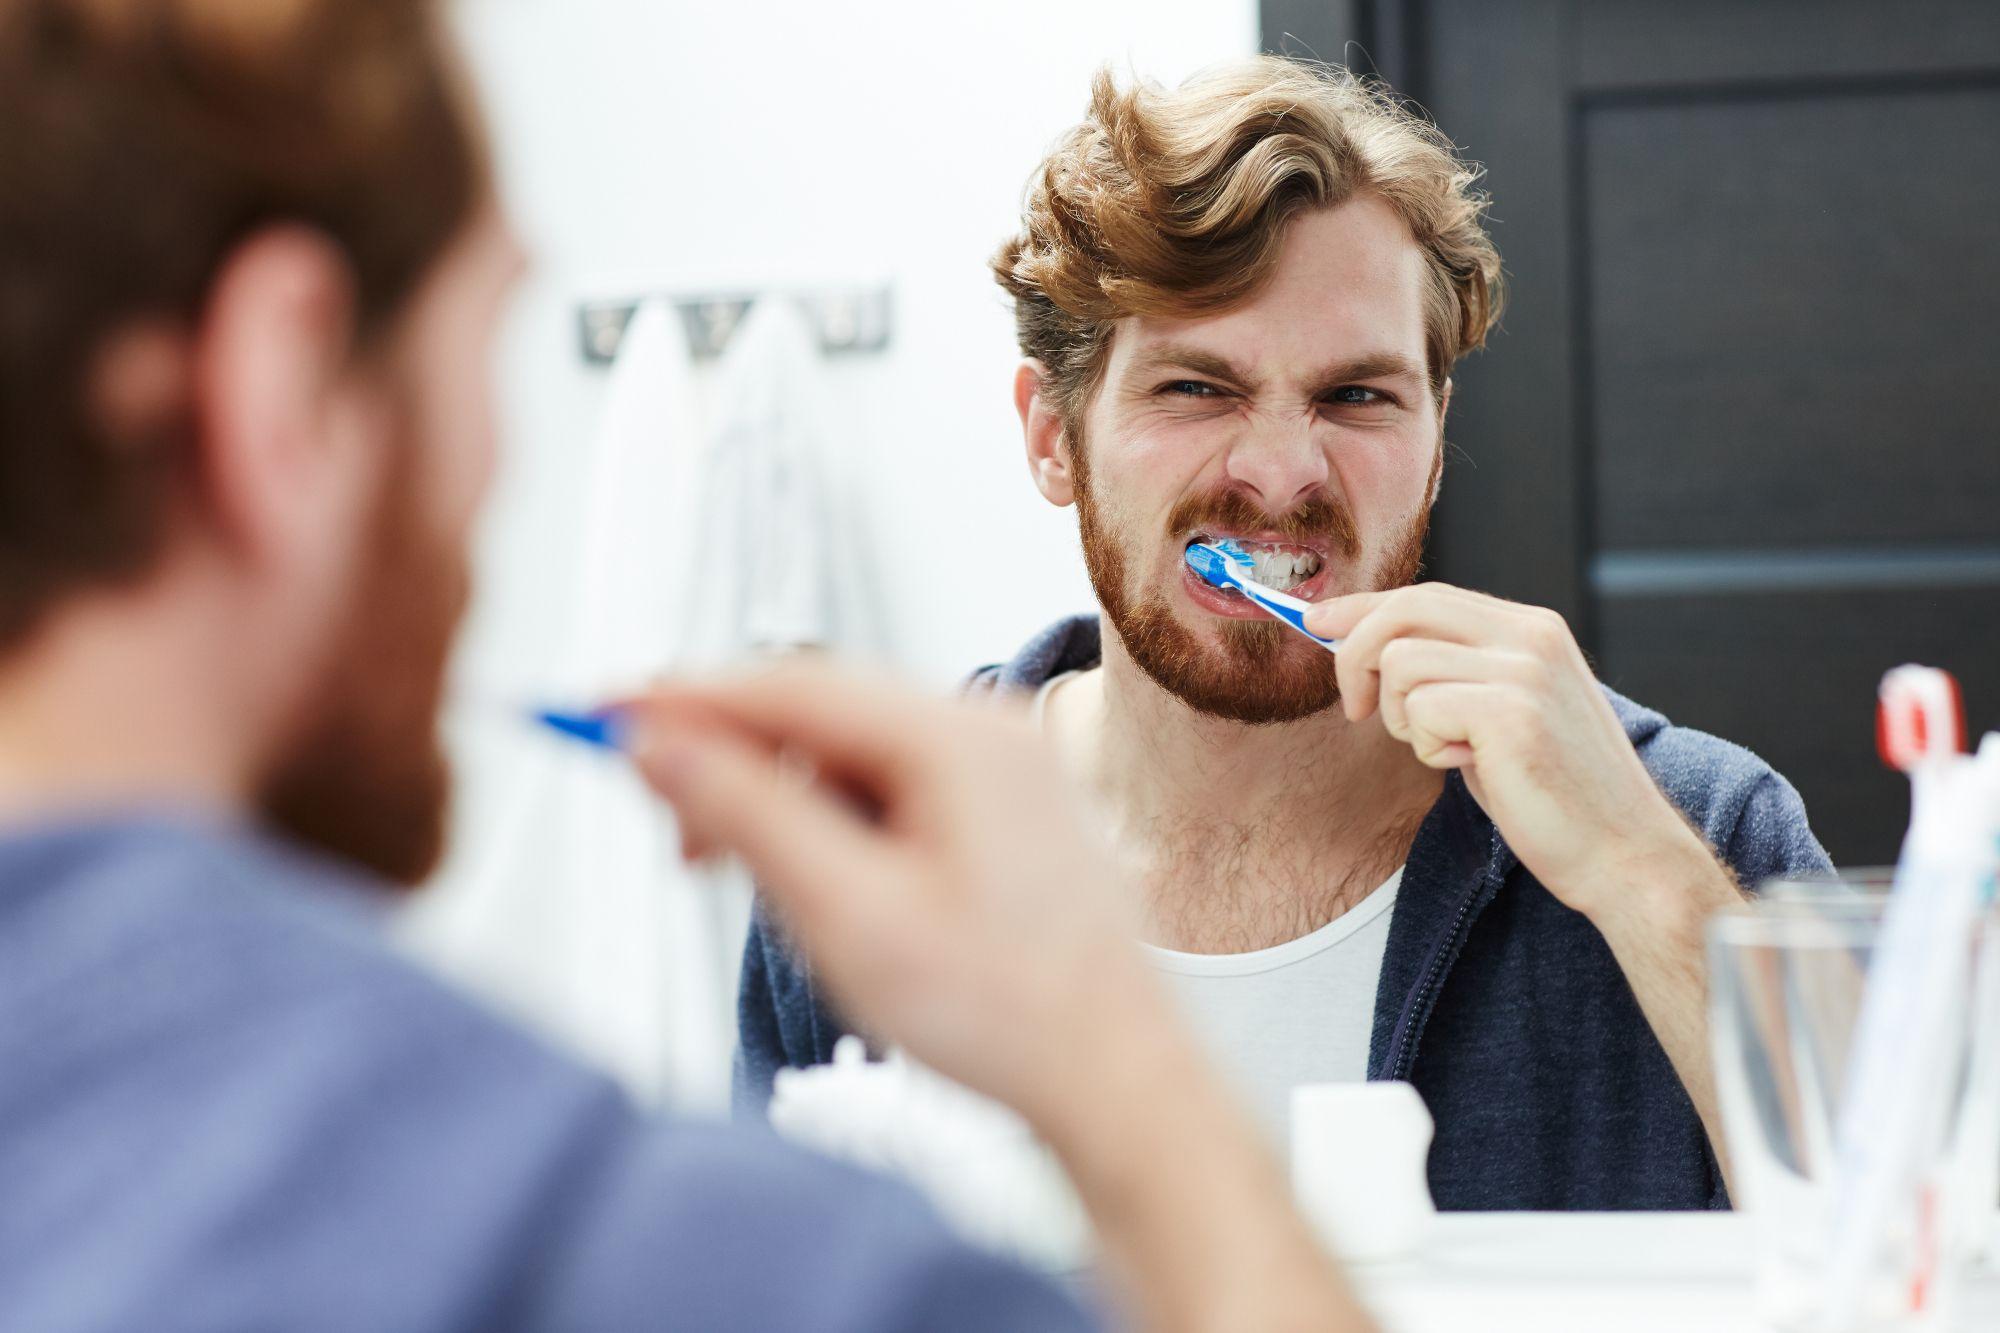 Mies jonka hengitys haisee pesee hampaita